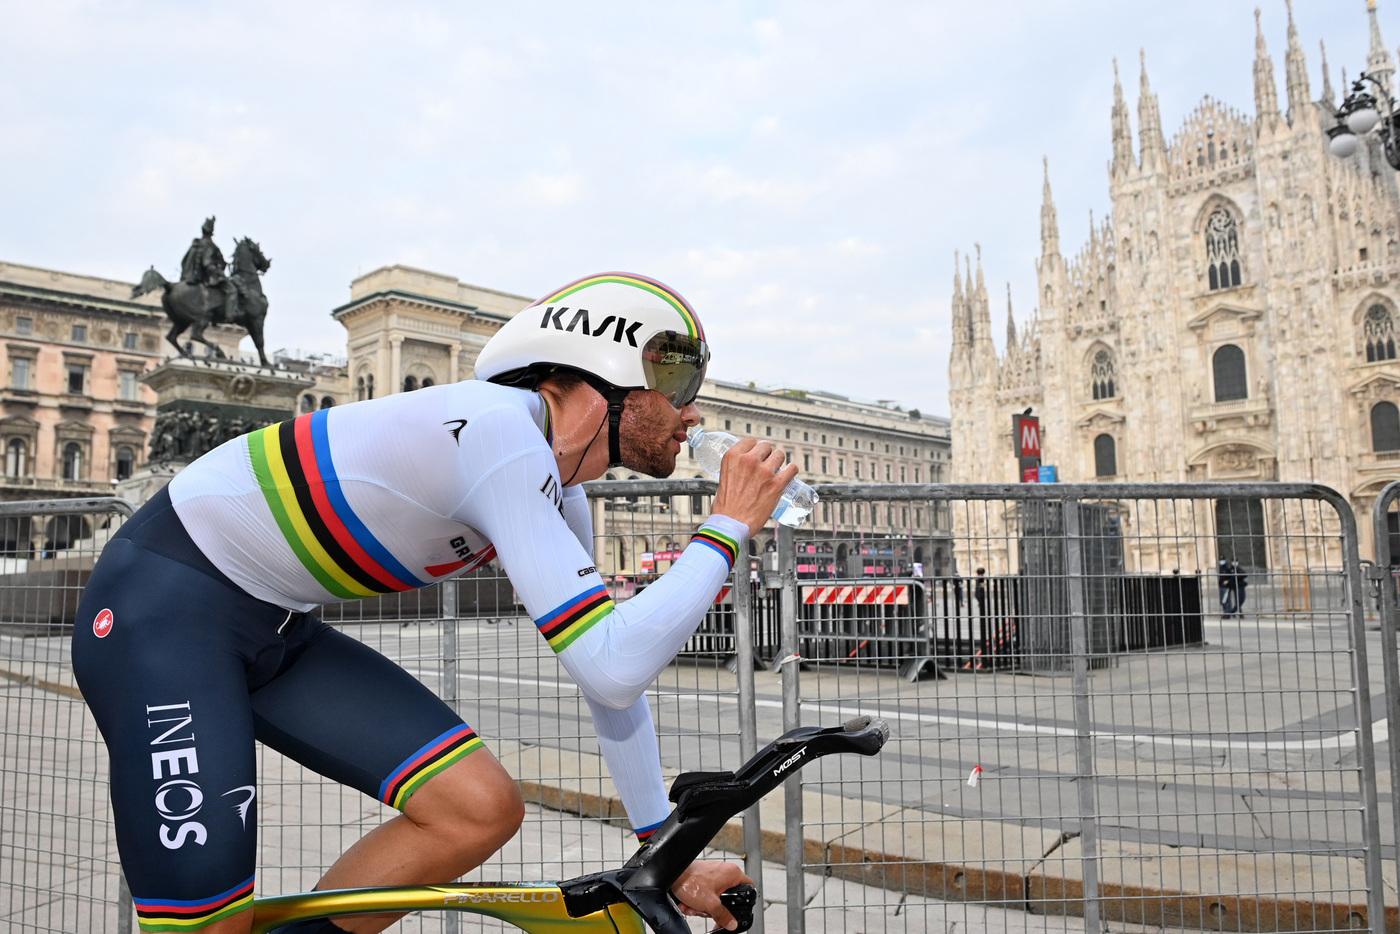 DIRETTA Giro d'Italia 2021 LIVE: Filippo Ganna in maglia rosa! La classifica dei favoriti